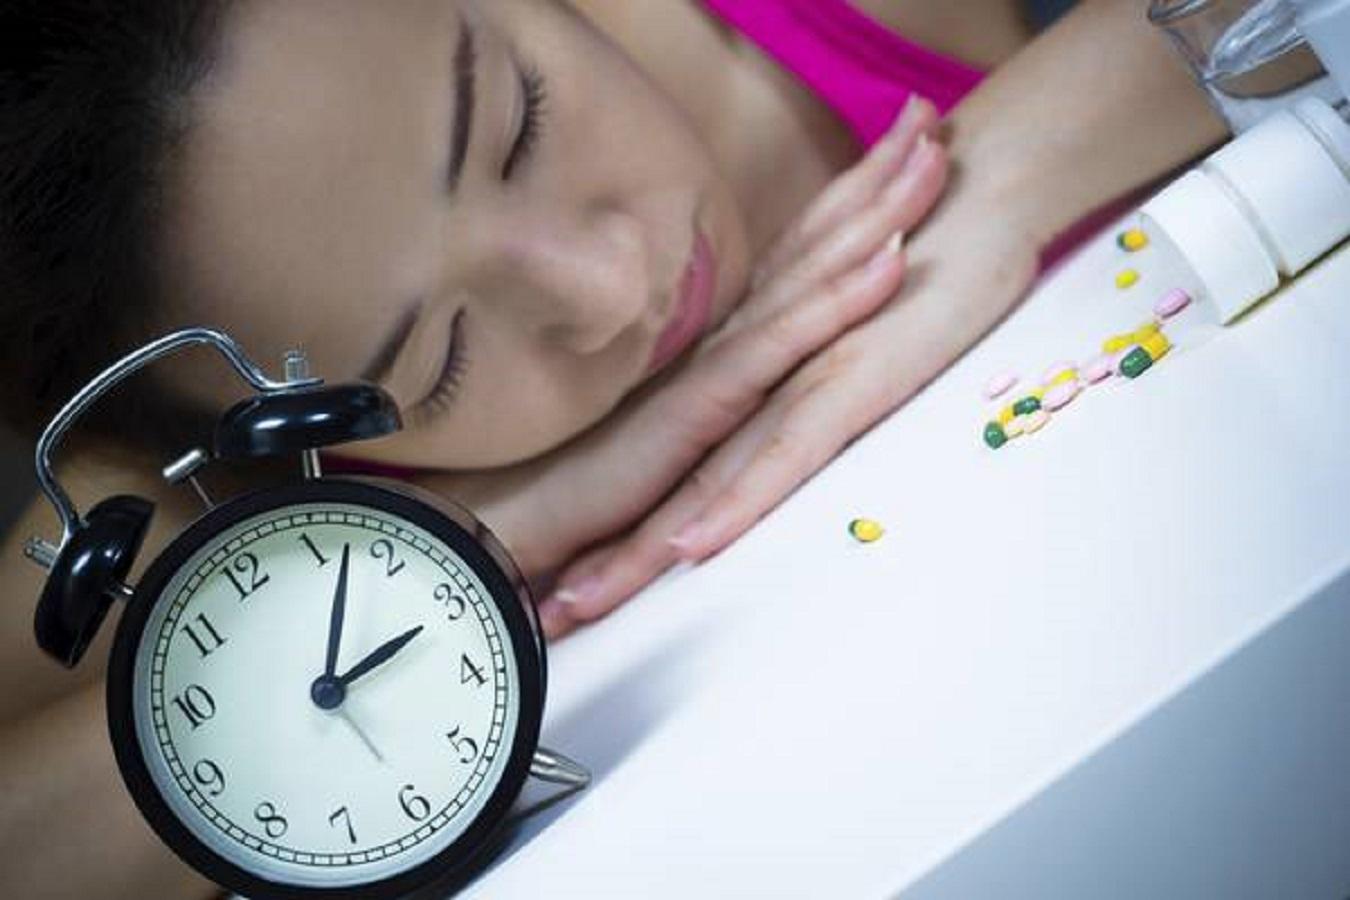 Dimagrire, il segreto per perdere peso è anche nel sonno